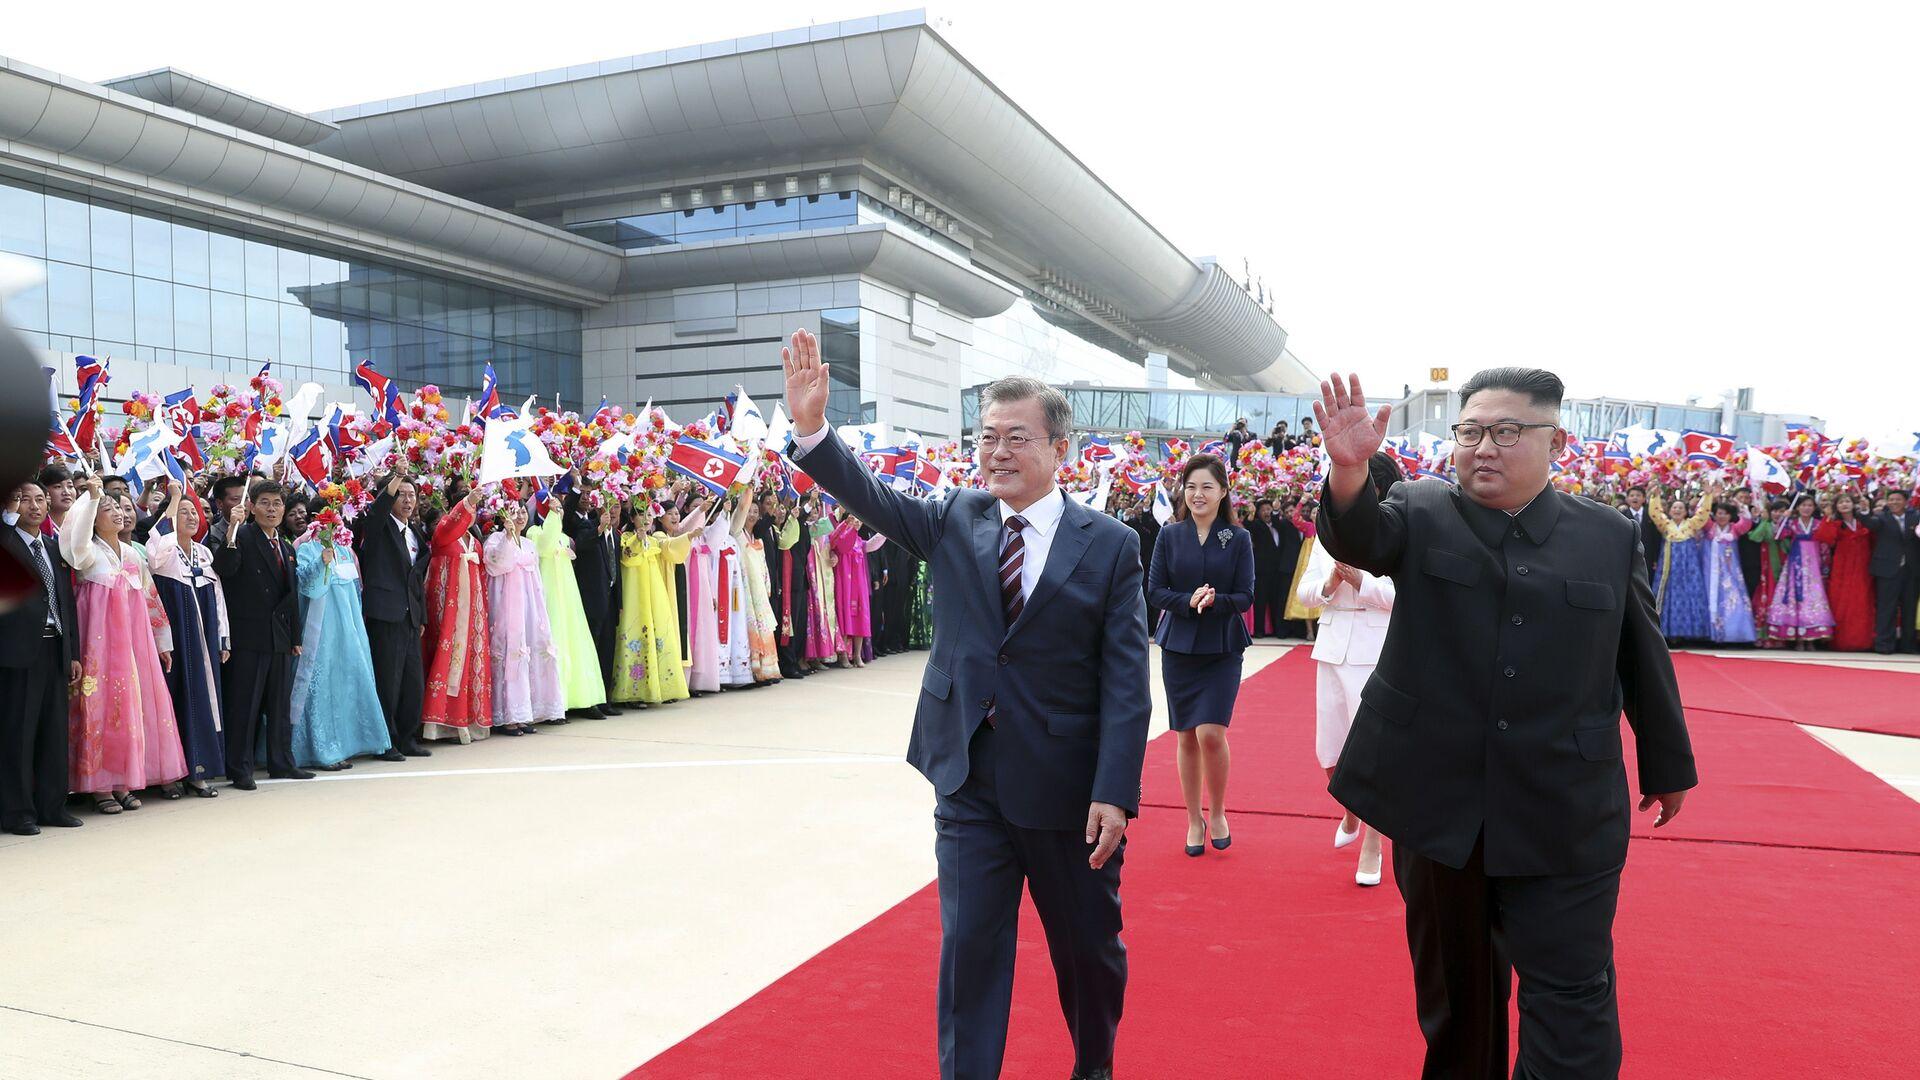 Przywódcy Korei Południowej i Północnej na lotnisku w Pjongjangu  - Sputnik Polska, 1920, 03.08.2021